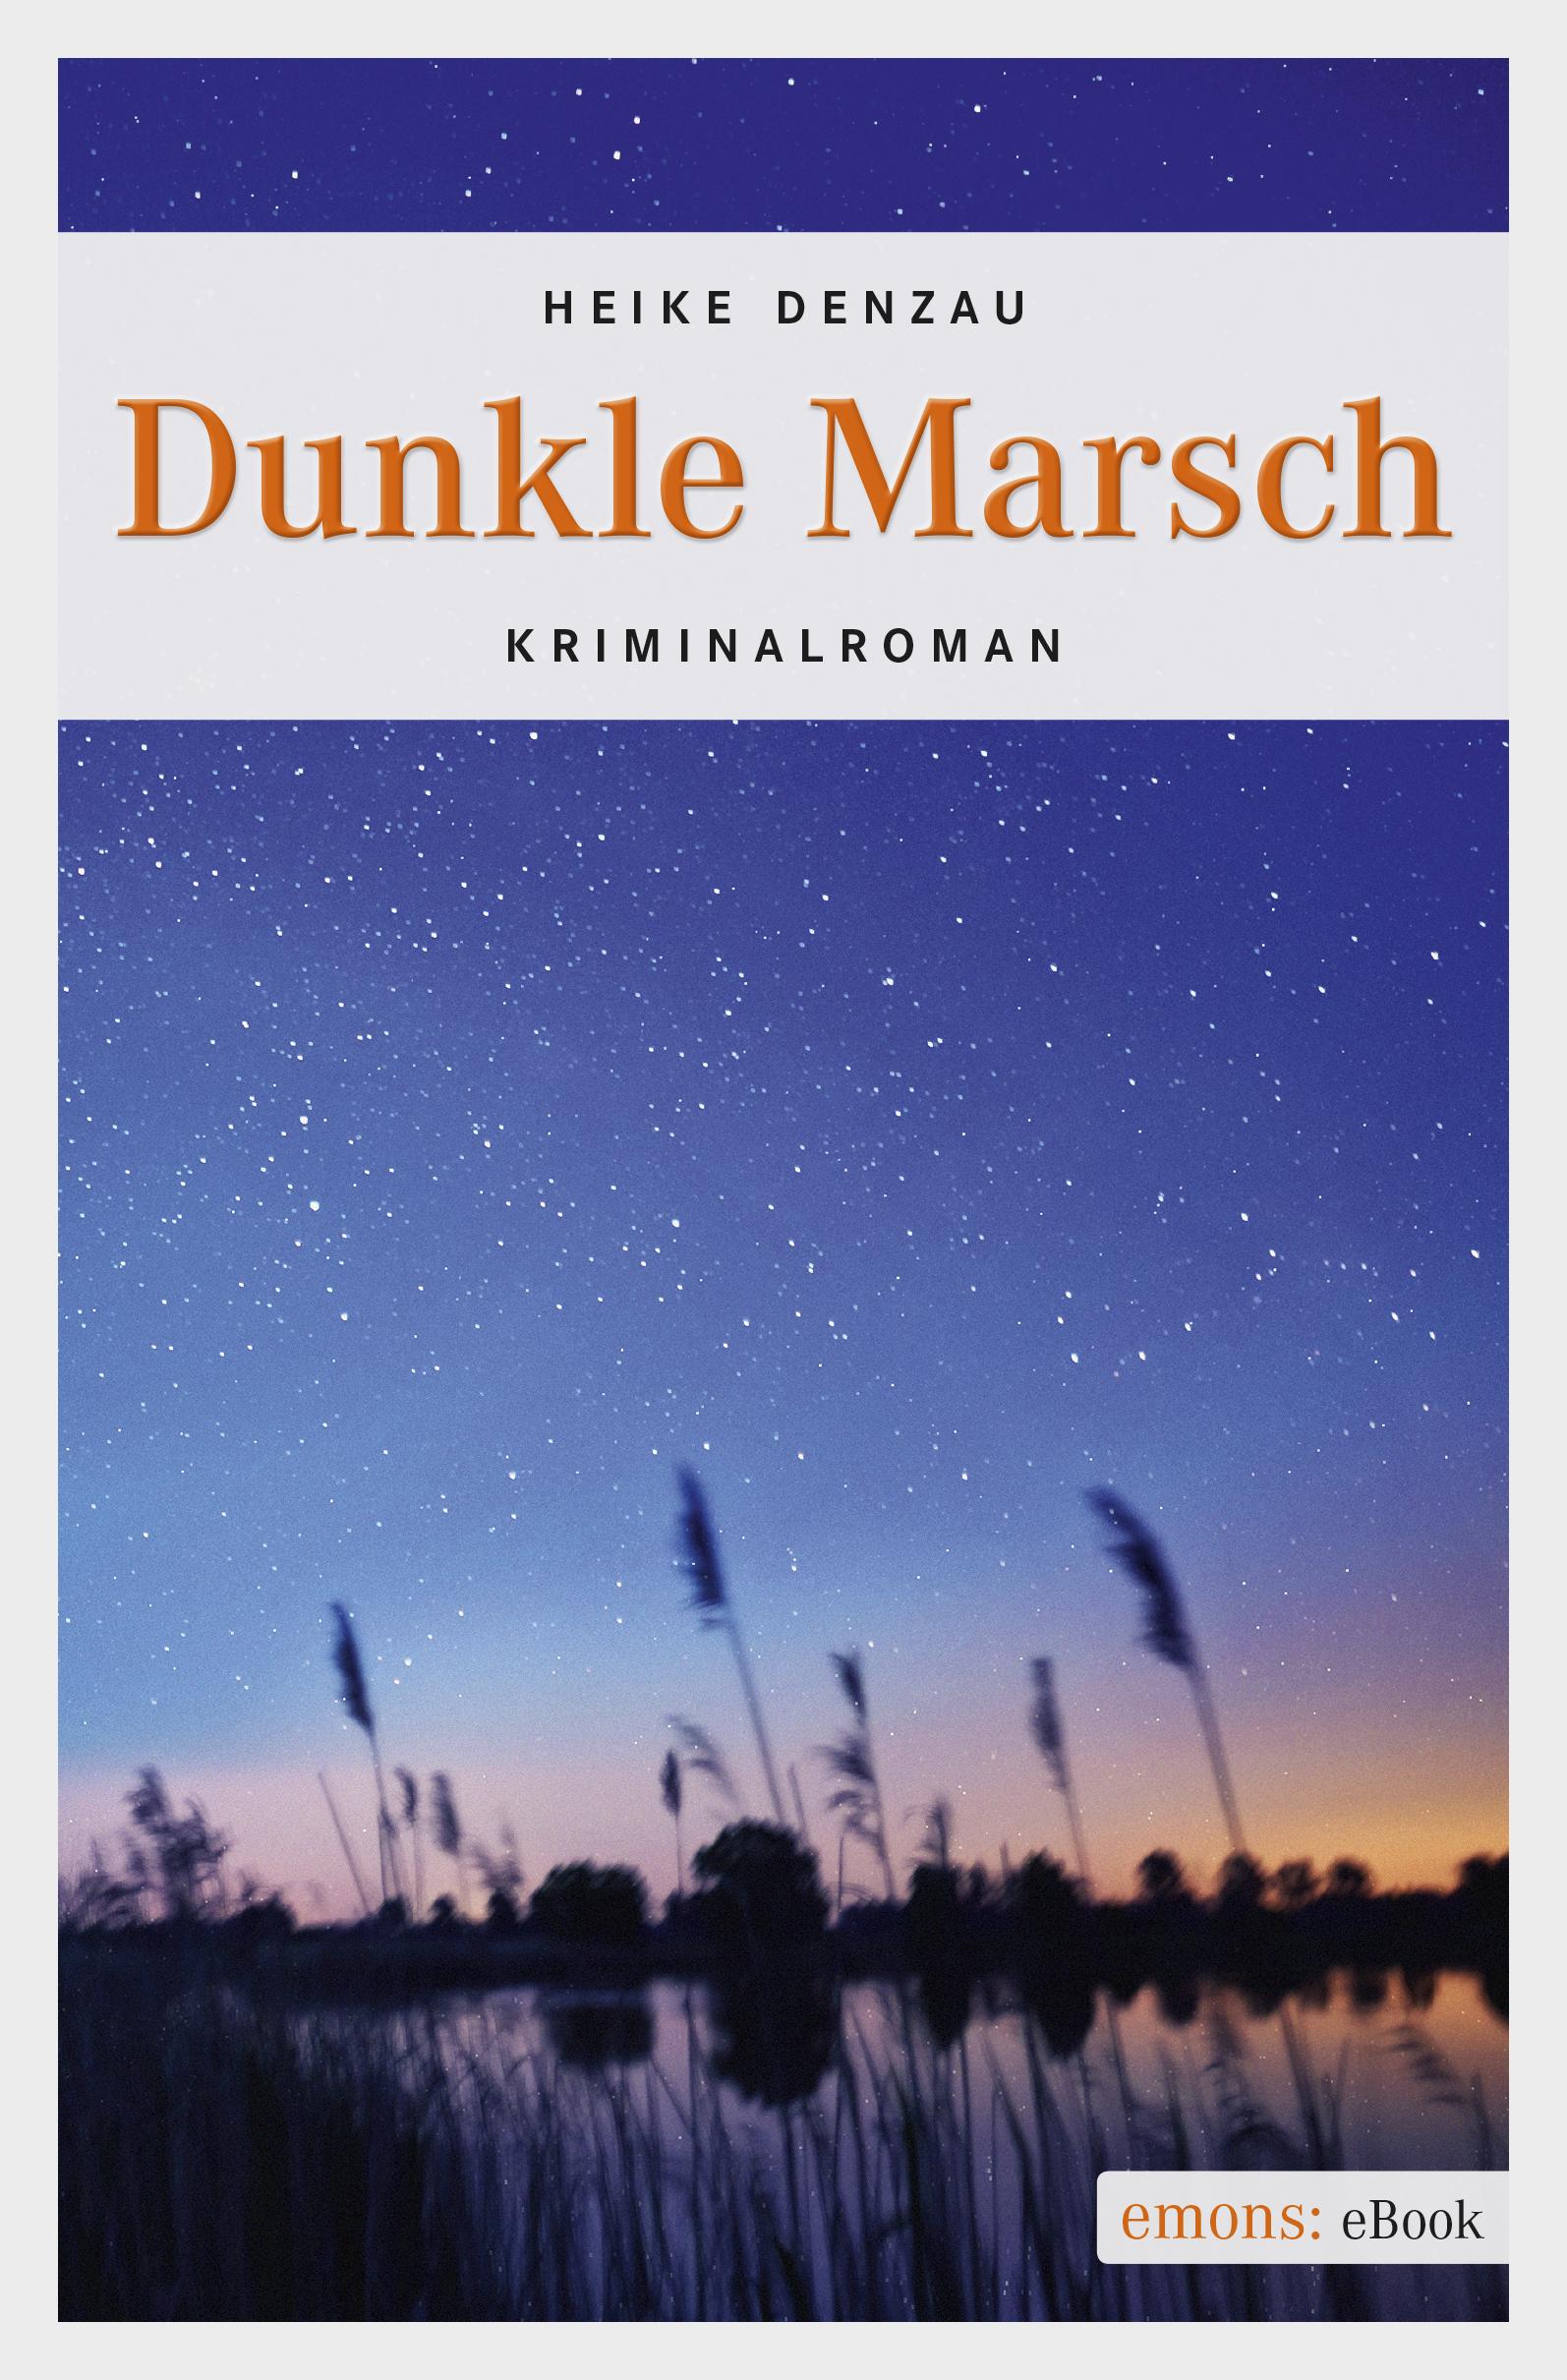 Heike Denzau Dunkle Marsch морган райс marsch der könige